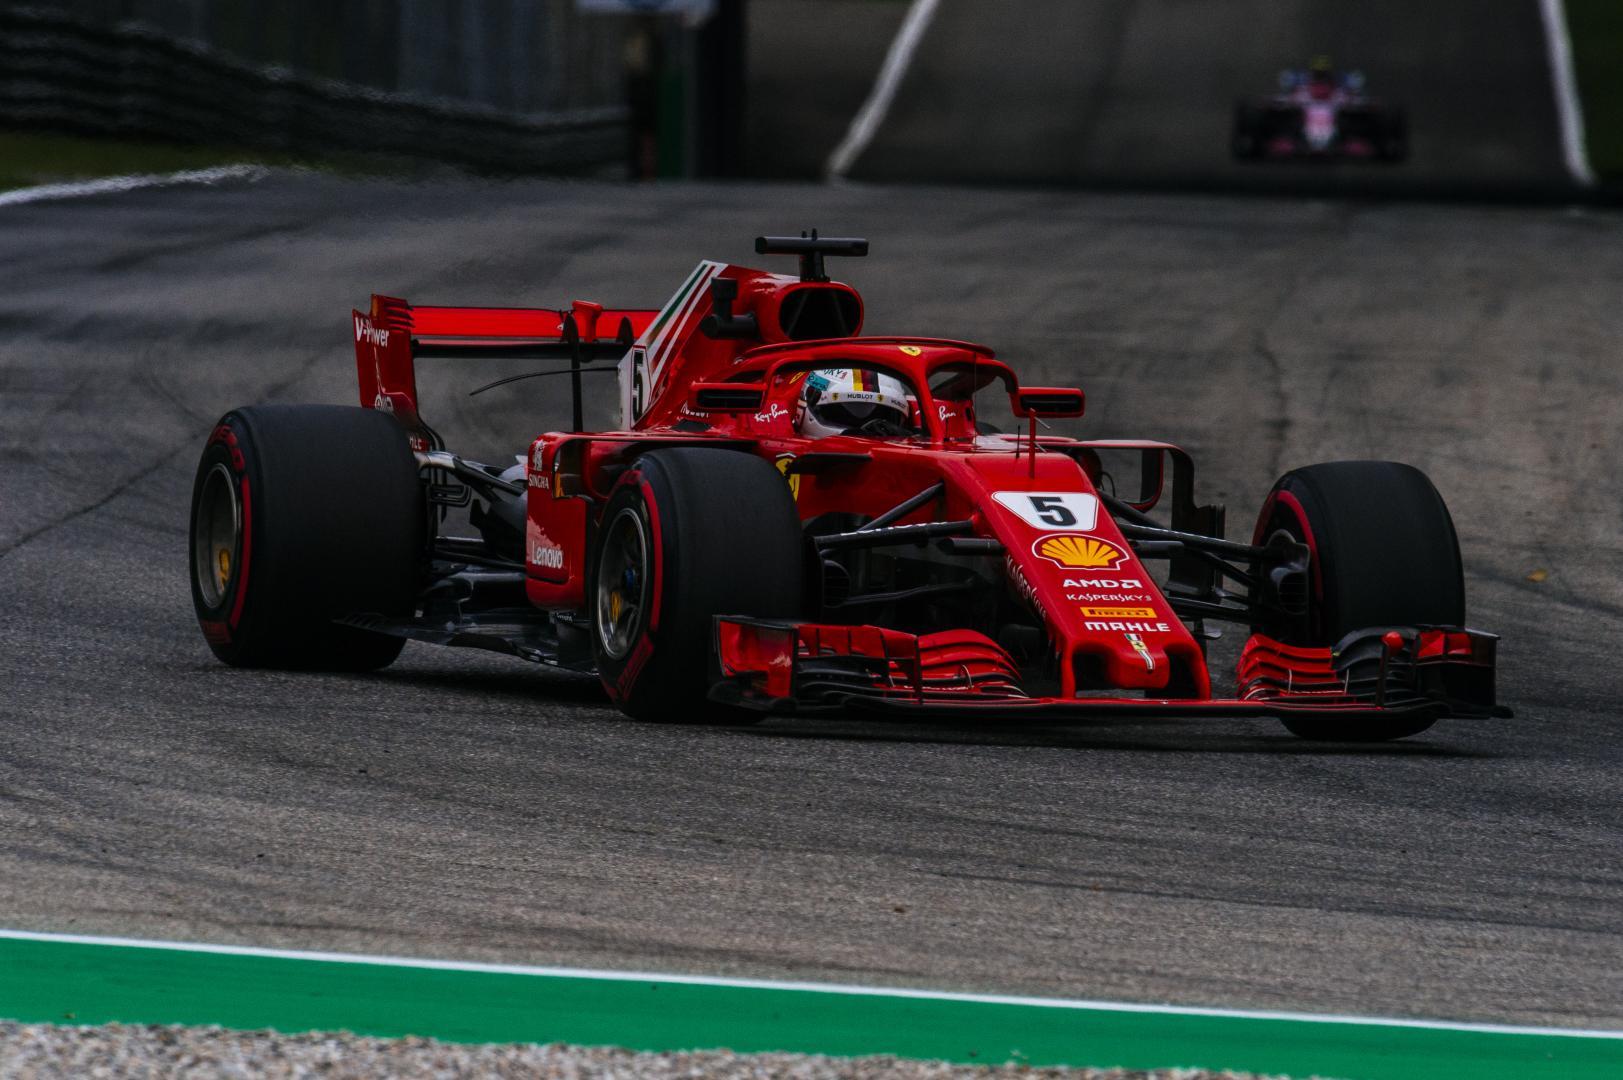 Uitslag van de GP van Italië 2018